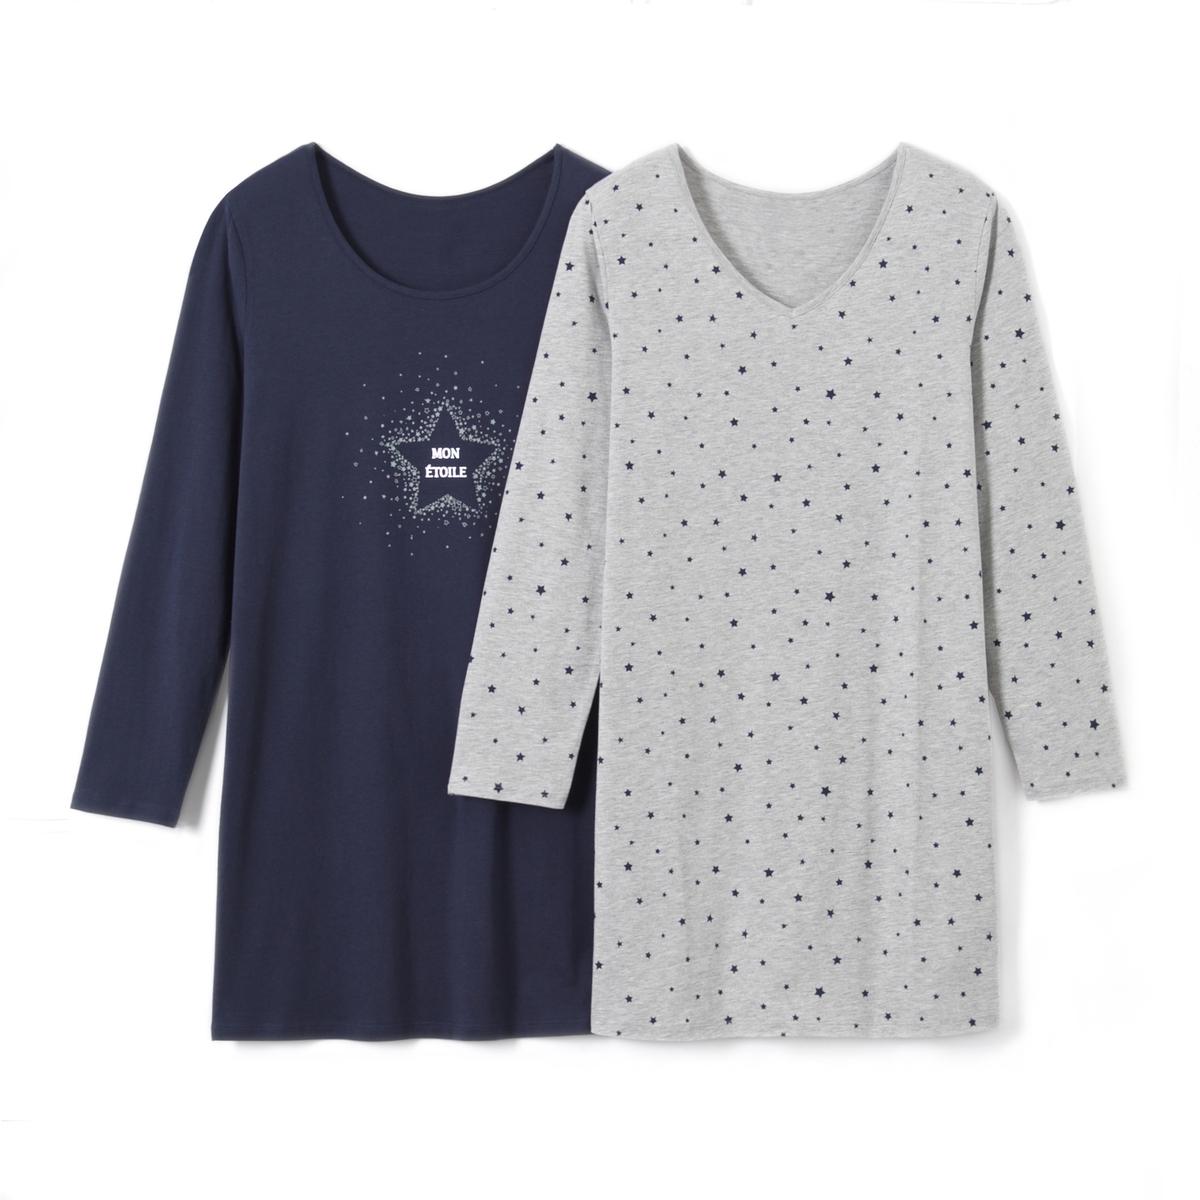 2 сорочки ночные с набивным рисунком